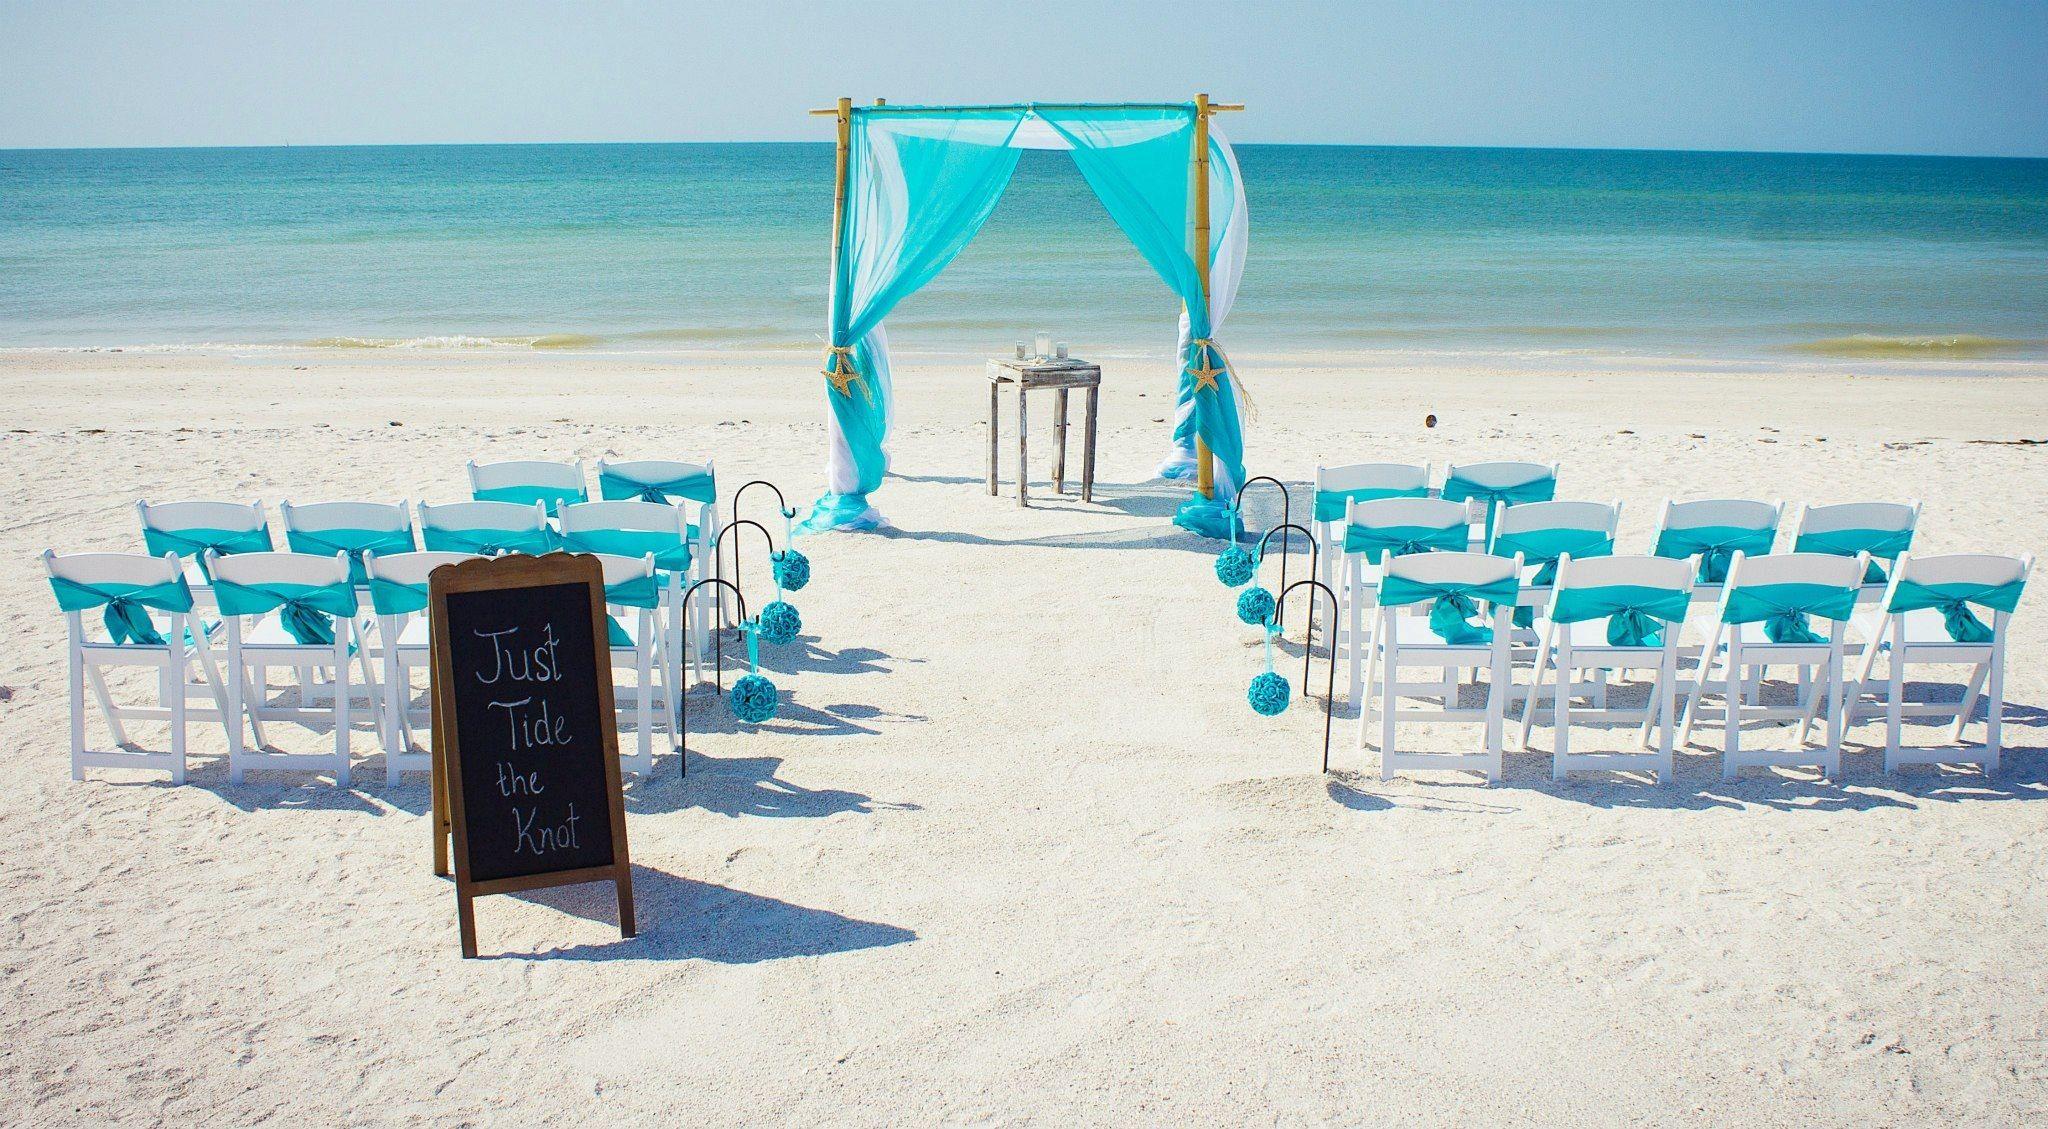 Aqua Beach Wedding Of My Dreams Small Beach Weddings Blue